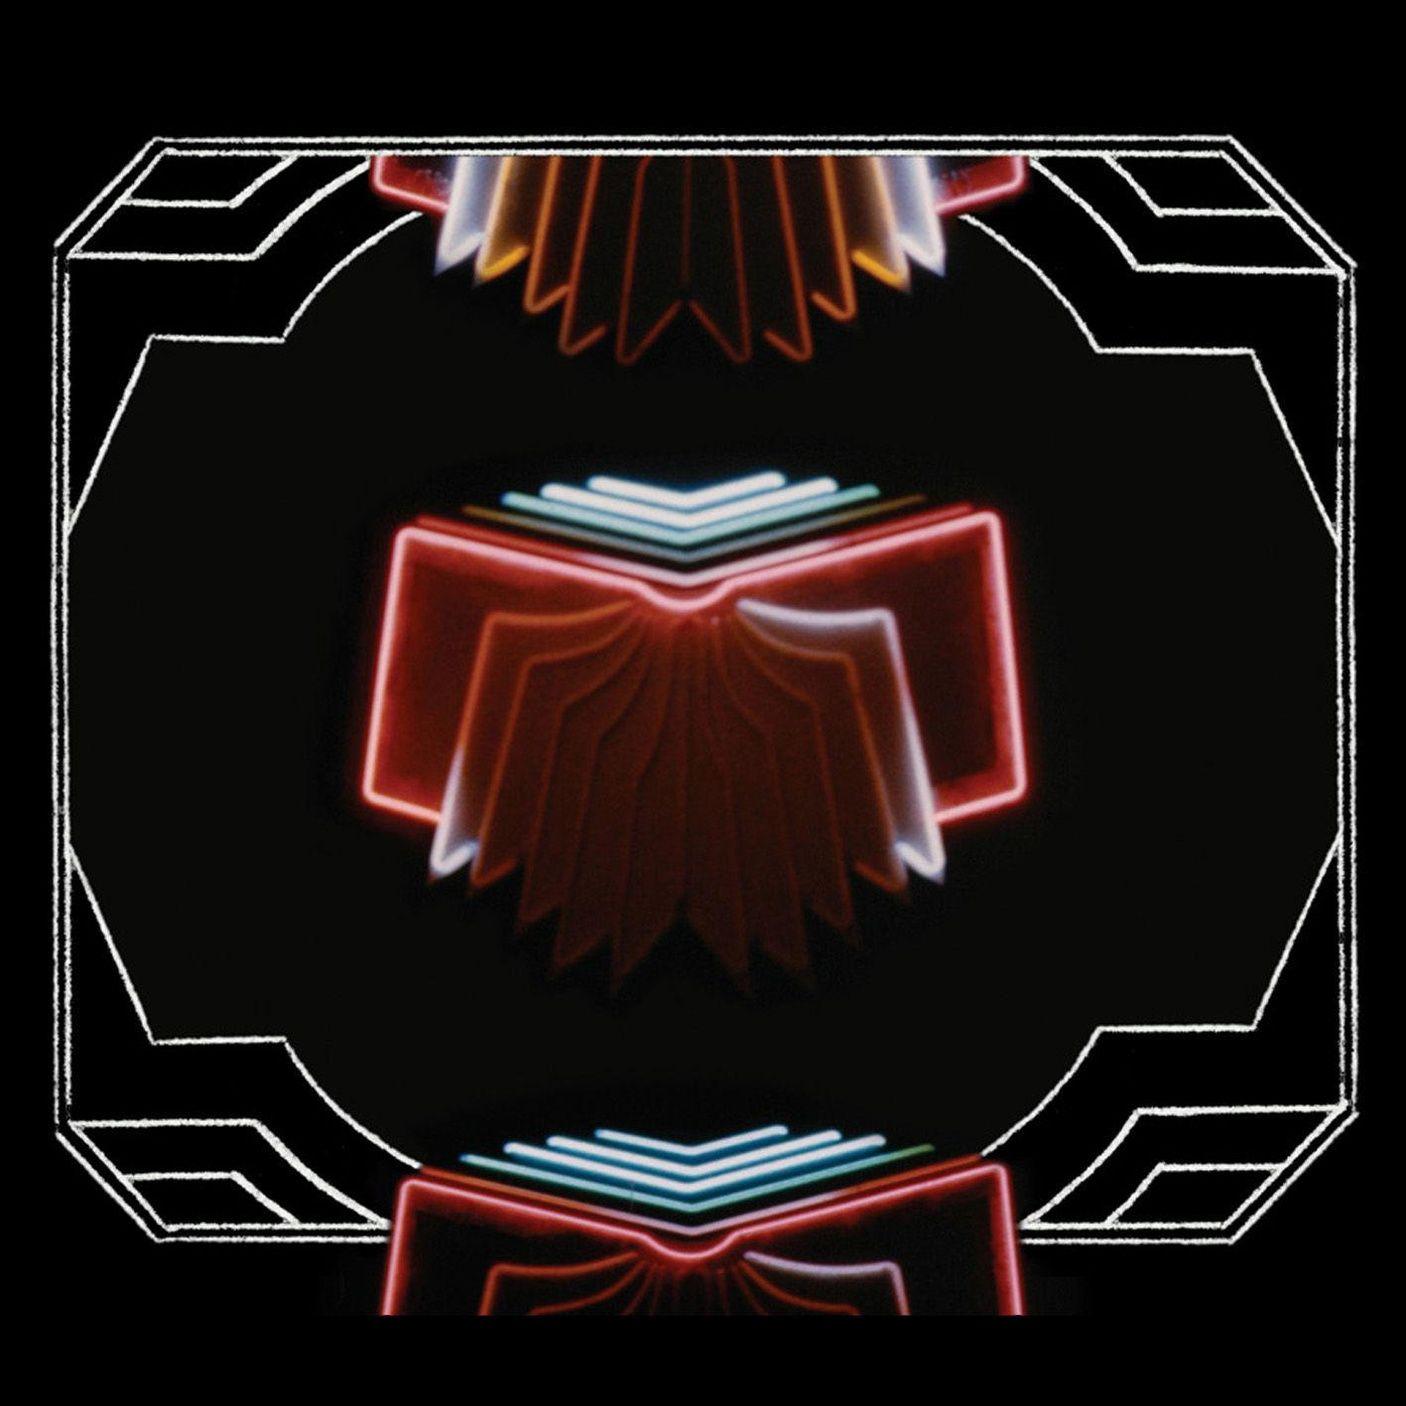 Arcade Fire - Neon Bible album cover